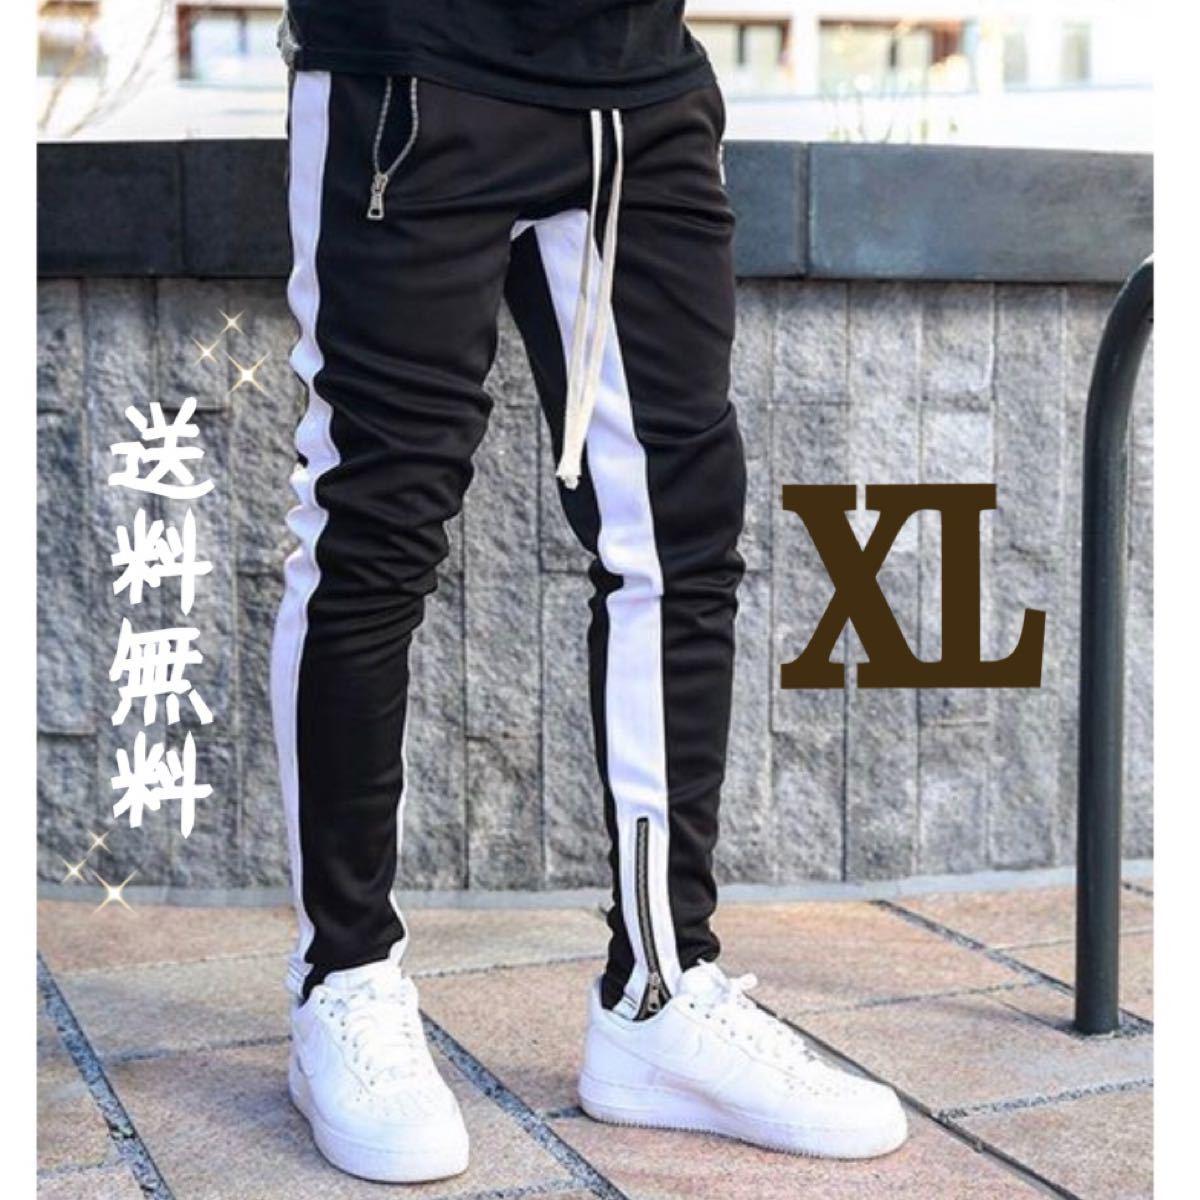 韓国 メンズ スウェット パンツ ジョガーパンツ サイドライン黒 ブラック XL